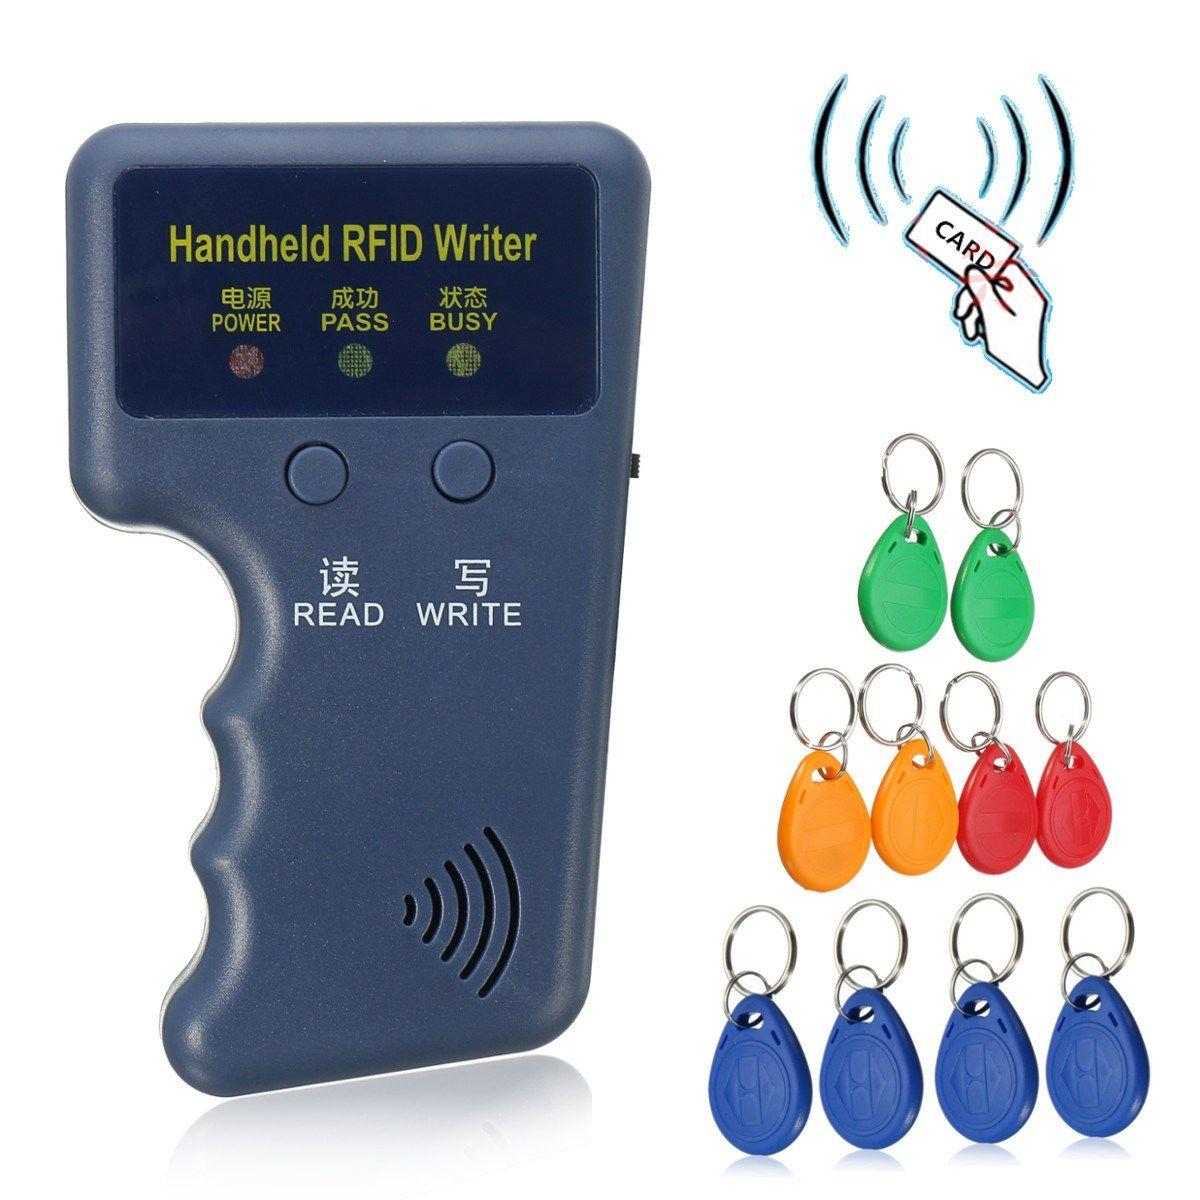 Handheld 125 Khz em4100 RFID Fotocopiadoras escritor duplicador programador lector + 10 unids em4305 t5577 rewritable ID keyfobs etiquetas tarjeta